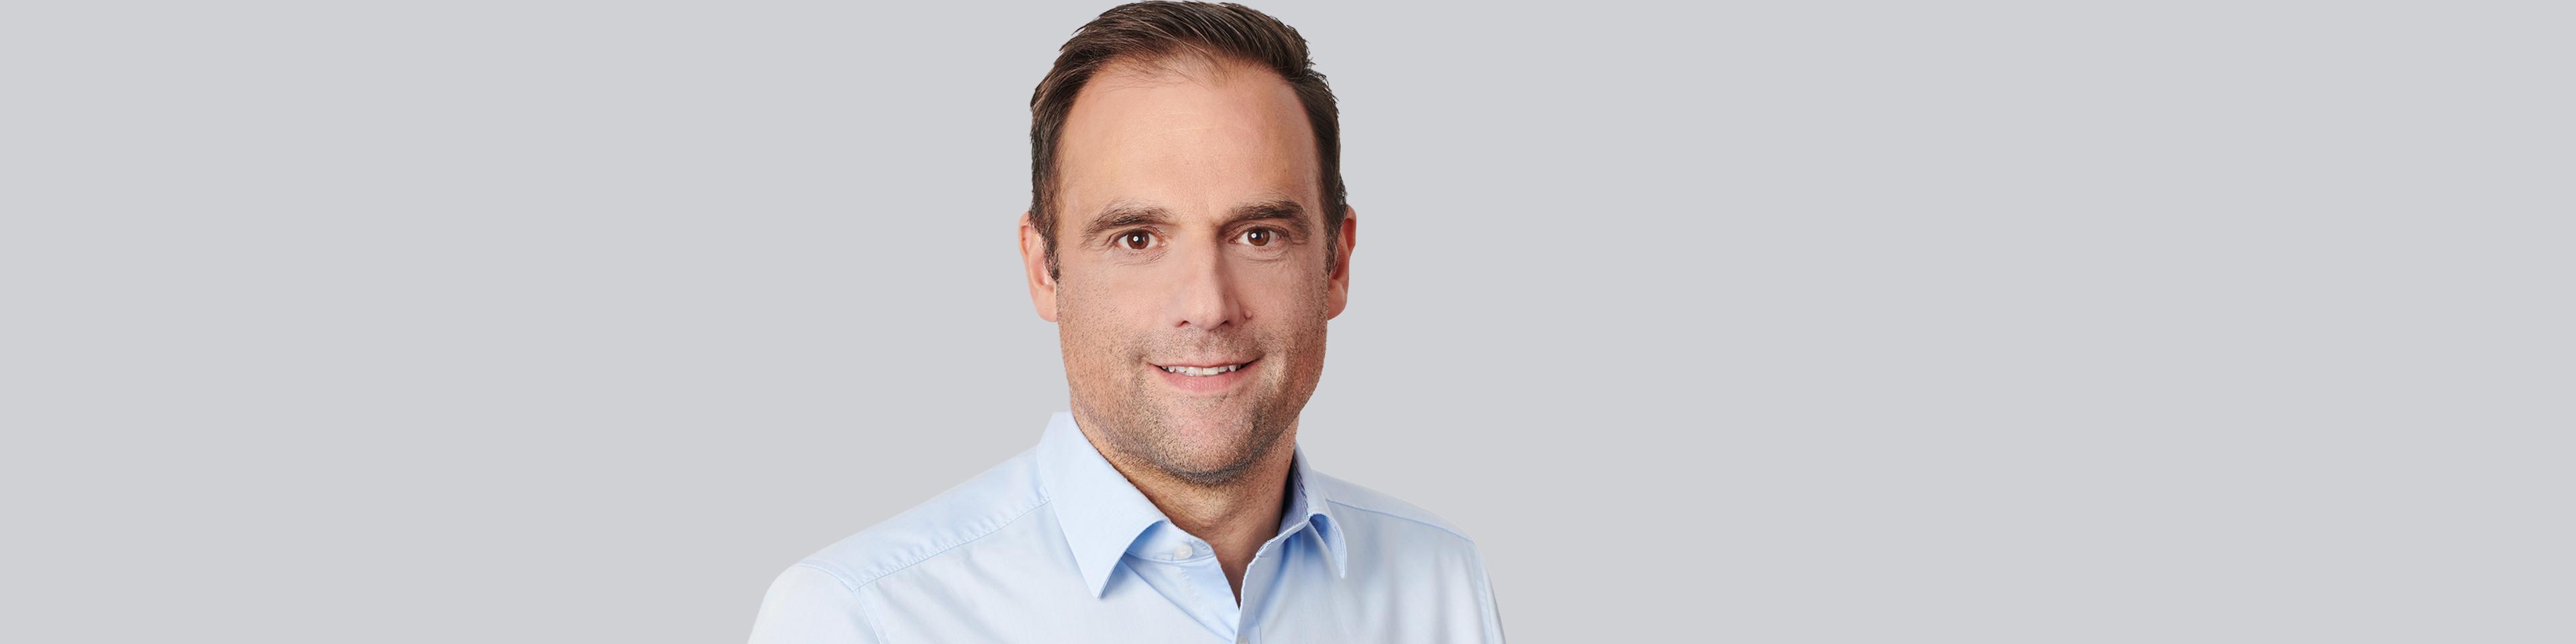 Bernhard Münster